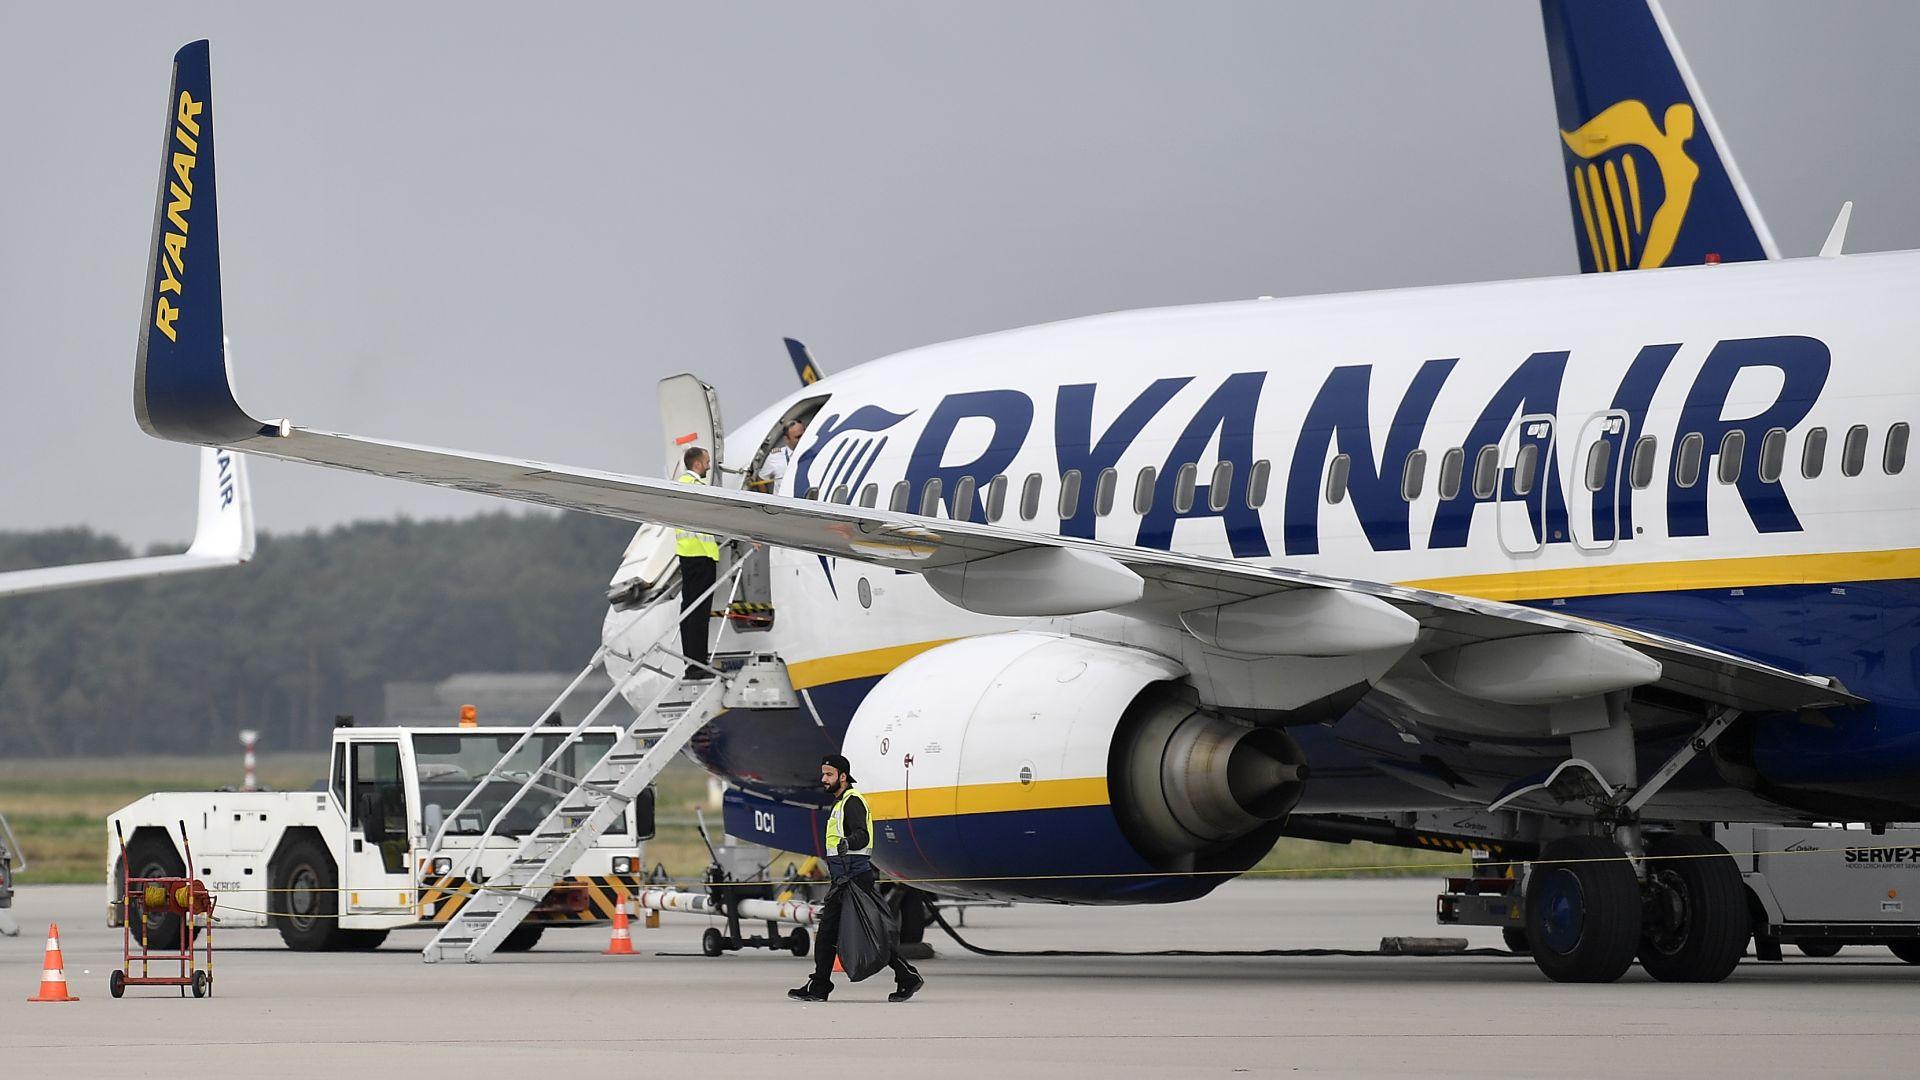 Пътниците оценяват Ryanair като най-лошата авиокомпания във Великобритания